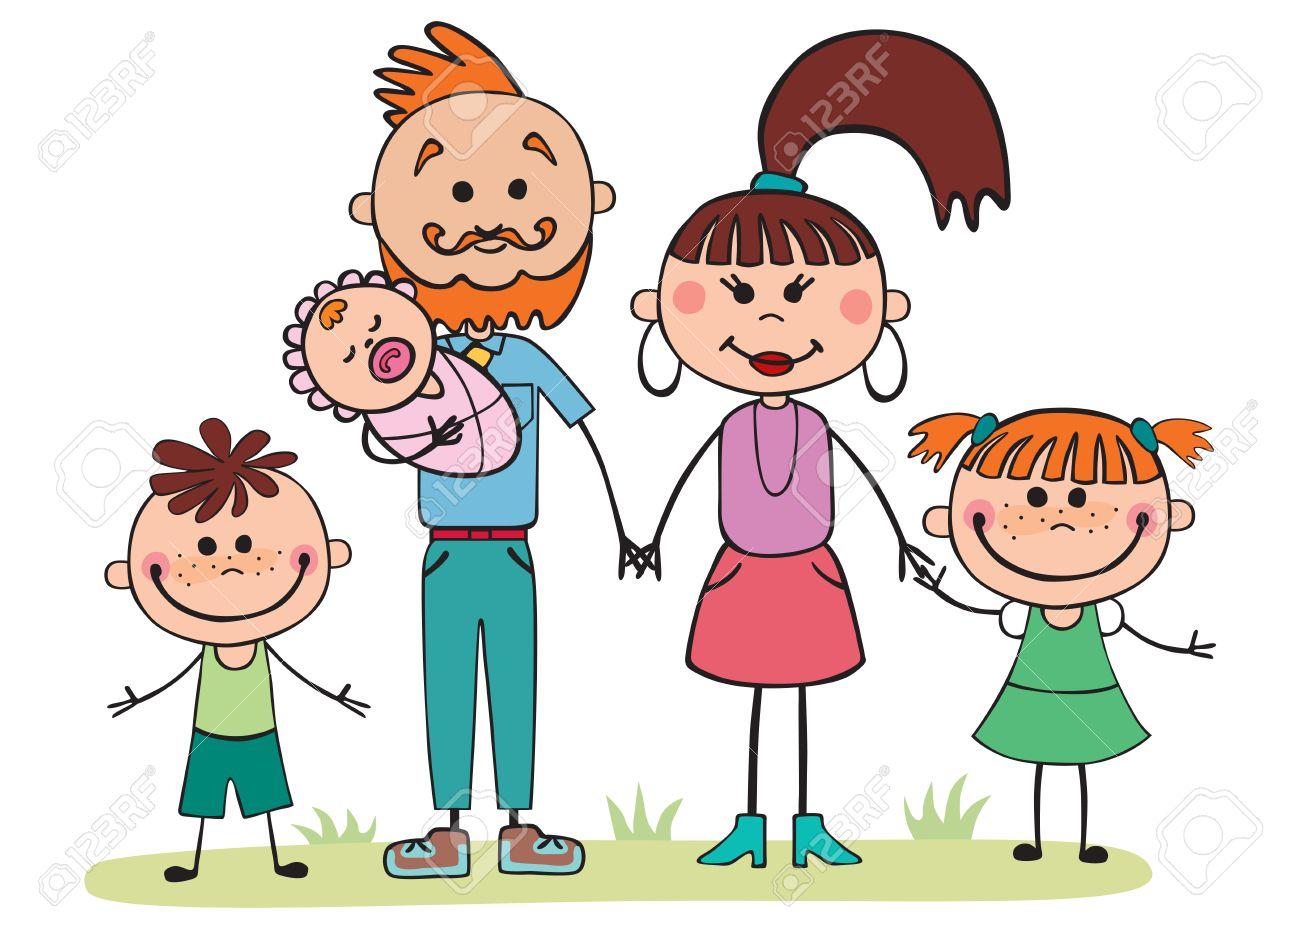 Ilustracion Del Vector Familia De Dibujos Animados 5 Personas